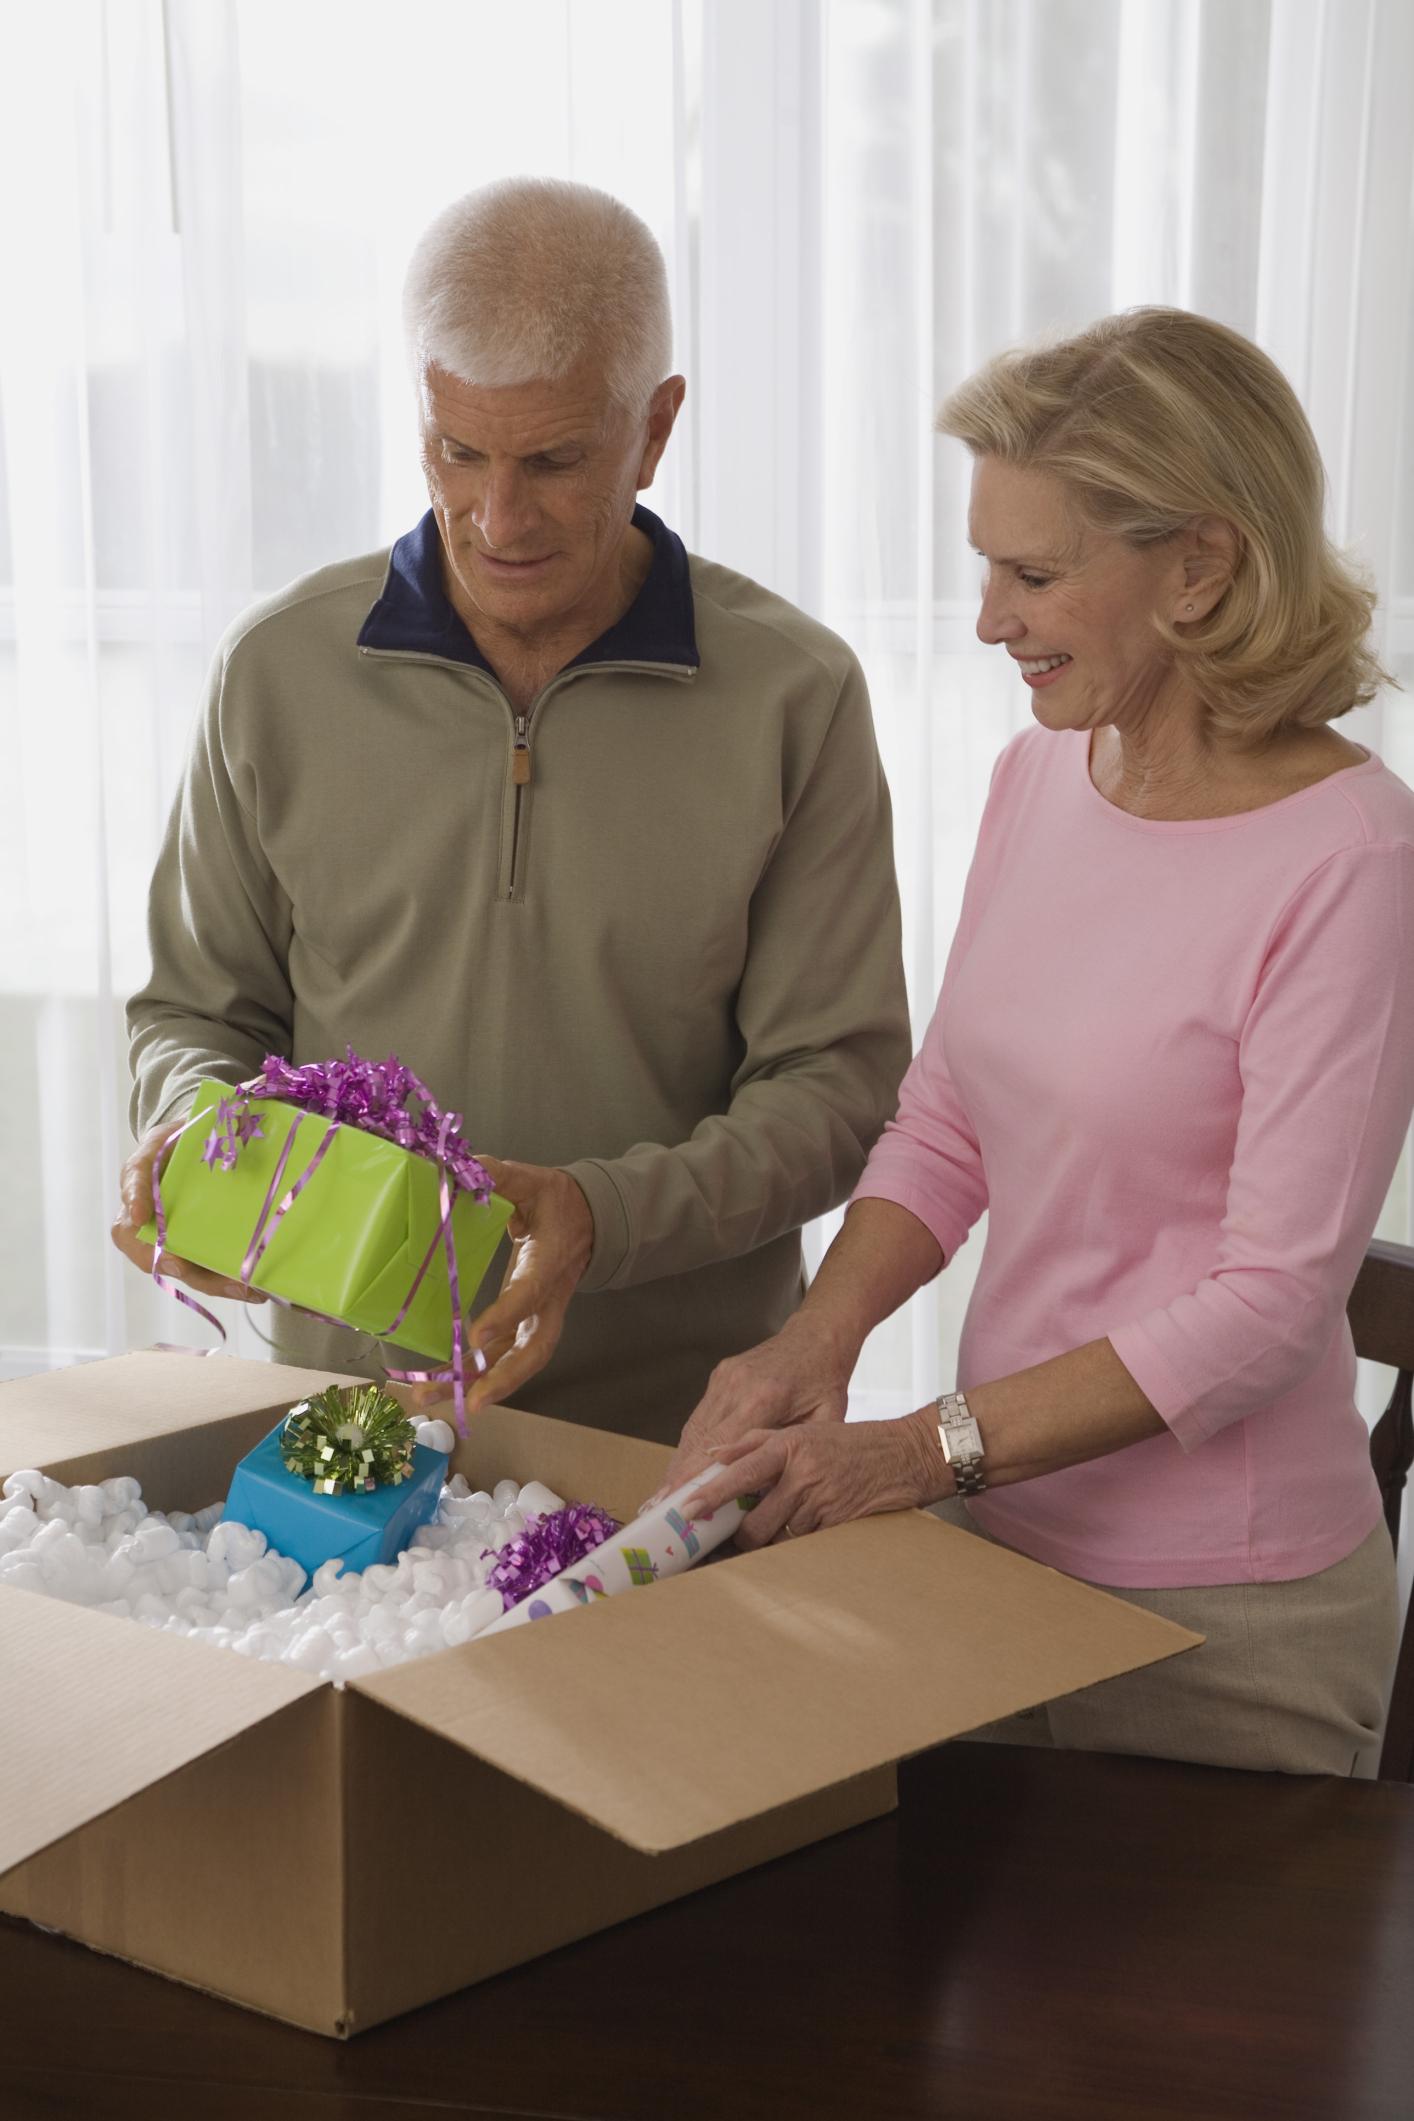 Cómo Enviar Un Paquete Por Correo Sin Que Su Destinatario Sepa De Dónde Vino